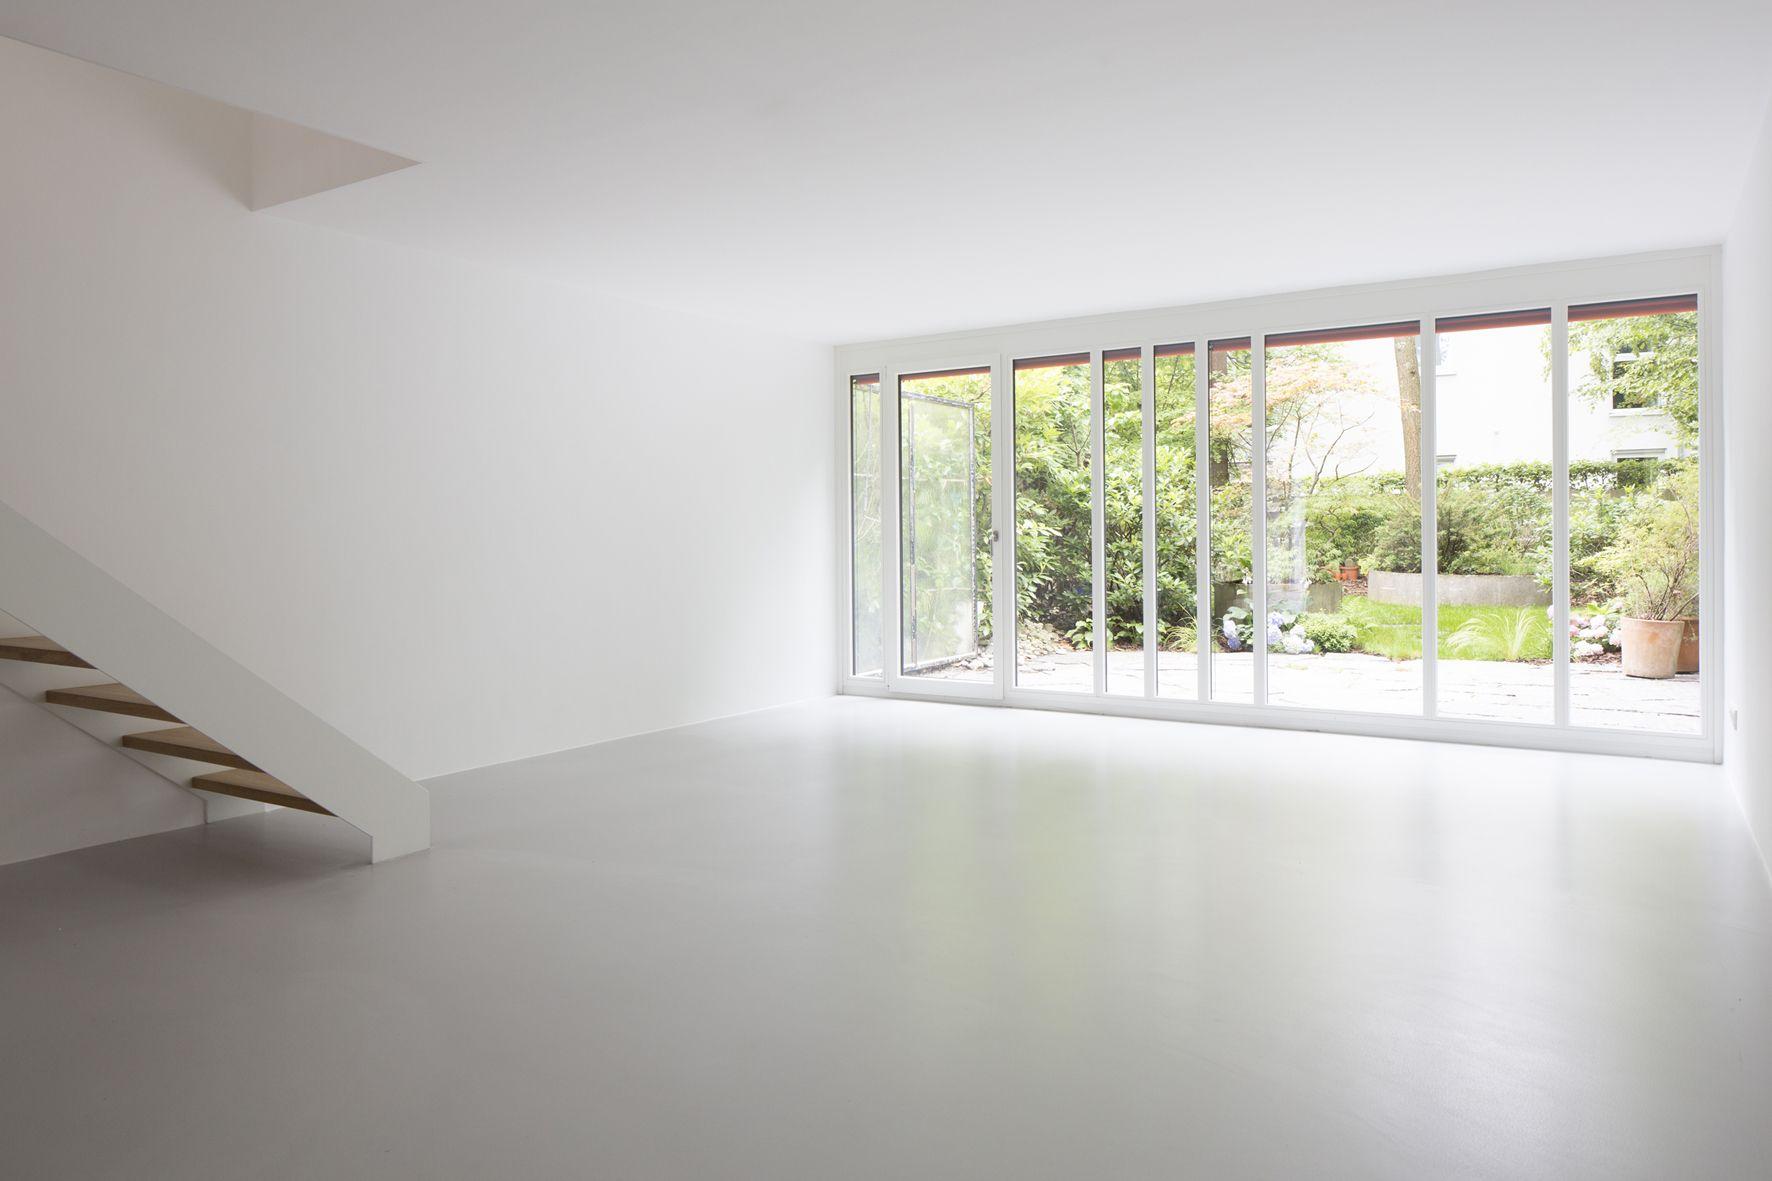 Umbau eines reihenhauses einfamilienh user for Fliesenboden renovieren